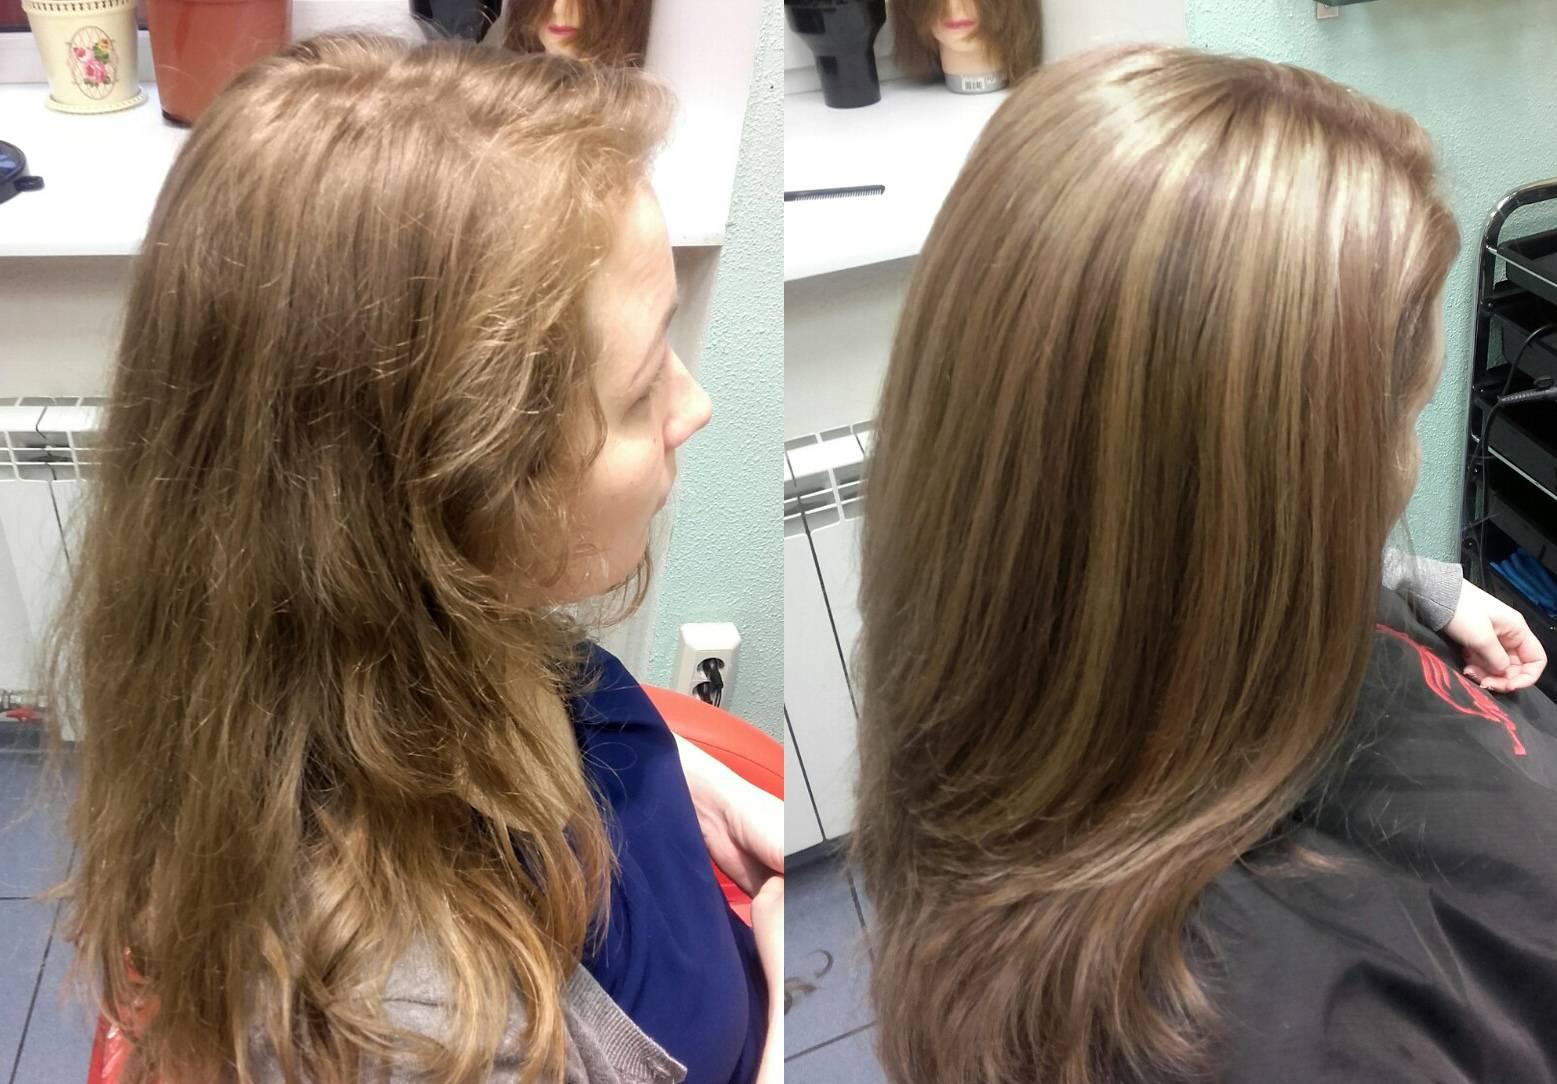 Брондирование волос на темные, светлые и русые волосы в домашних условиях и салоне: техника выполнения. примеры брондирования с фото до и после, цены на услугу и отзывы